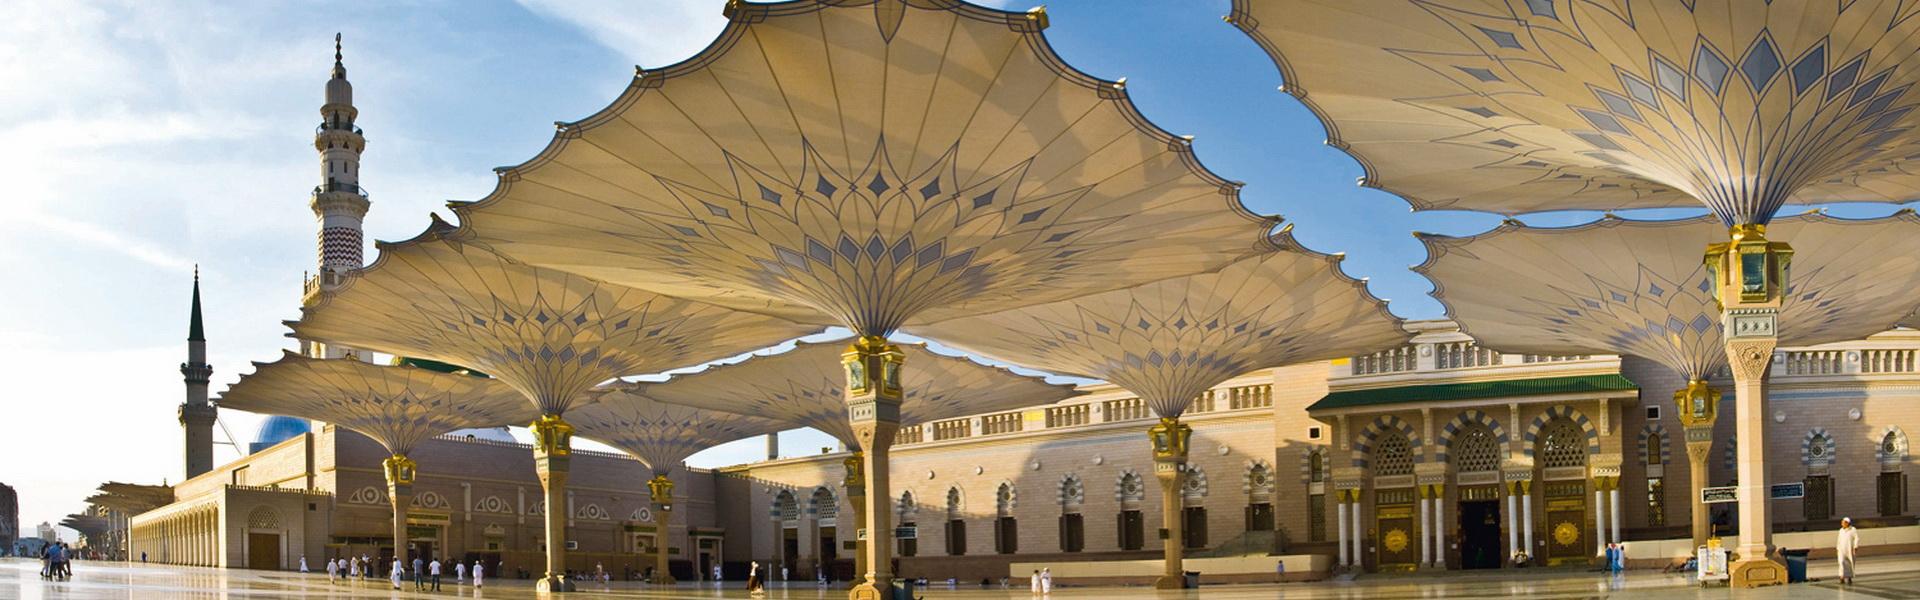 高科技电动开合式雨伞